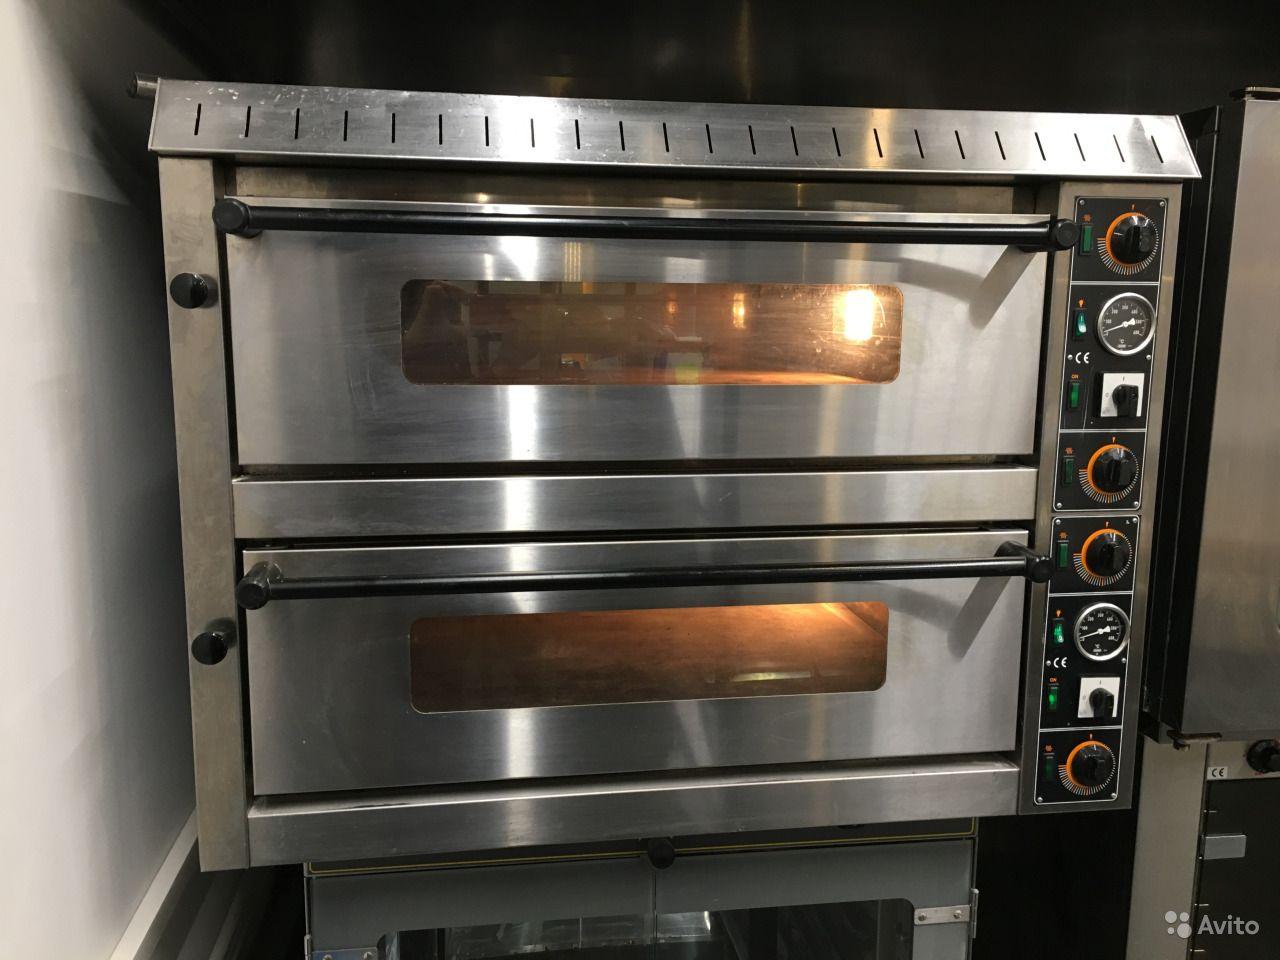 Где купить качественную печь для пиццы: ассортимент, критерии выбора, преимущества